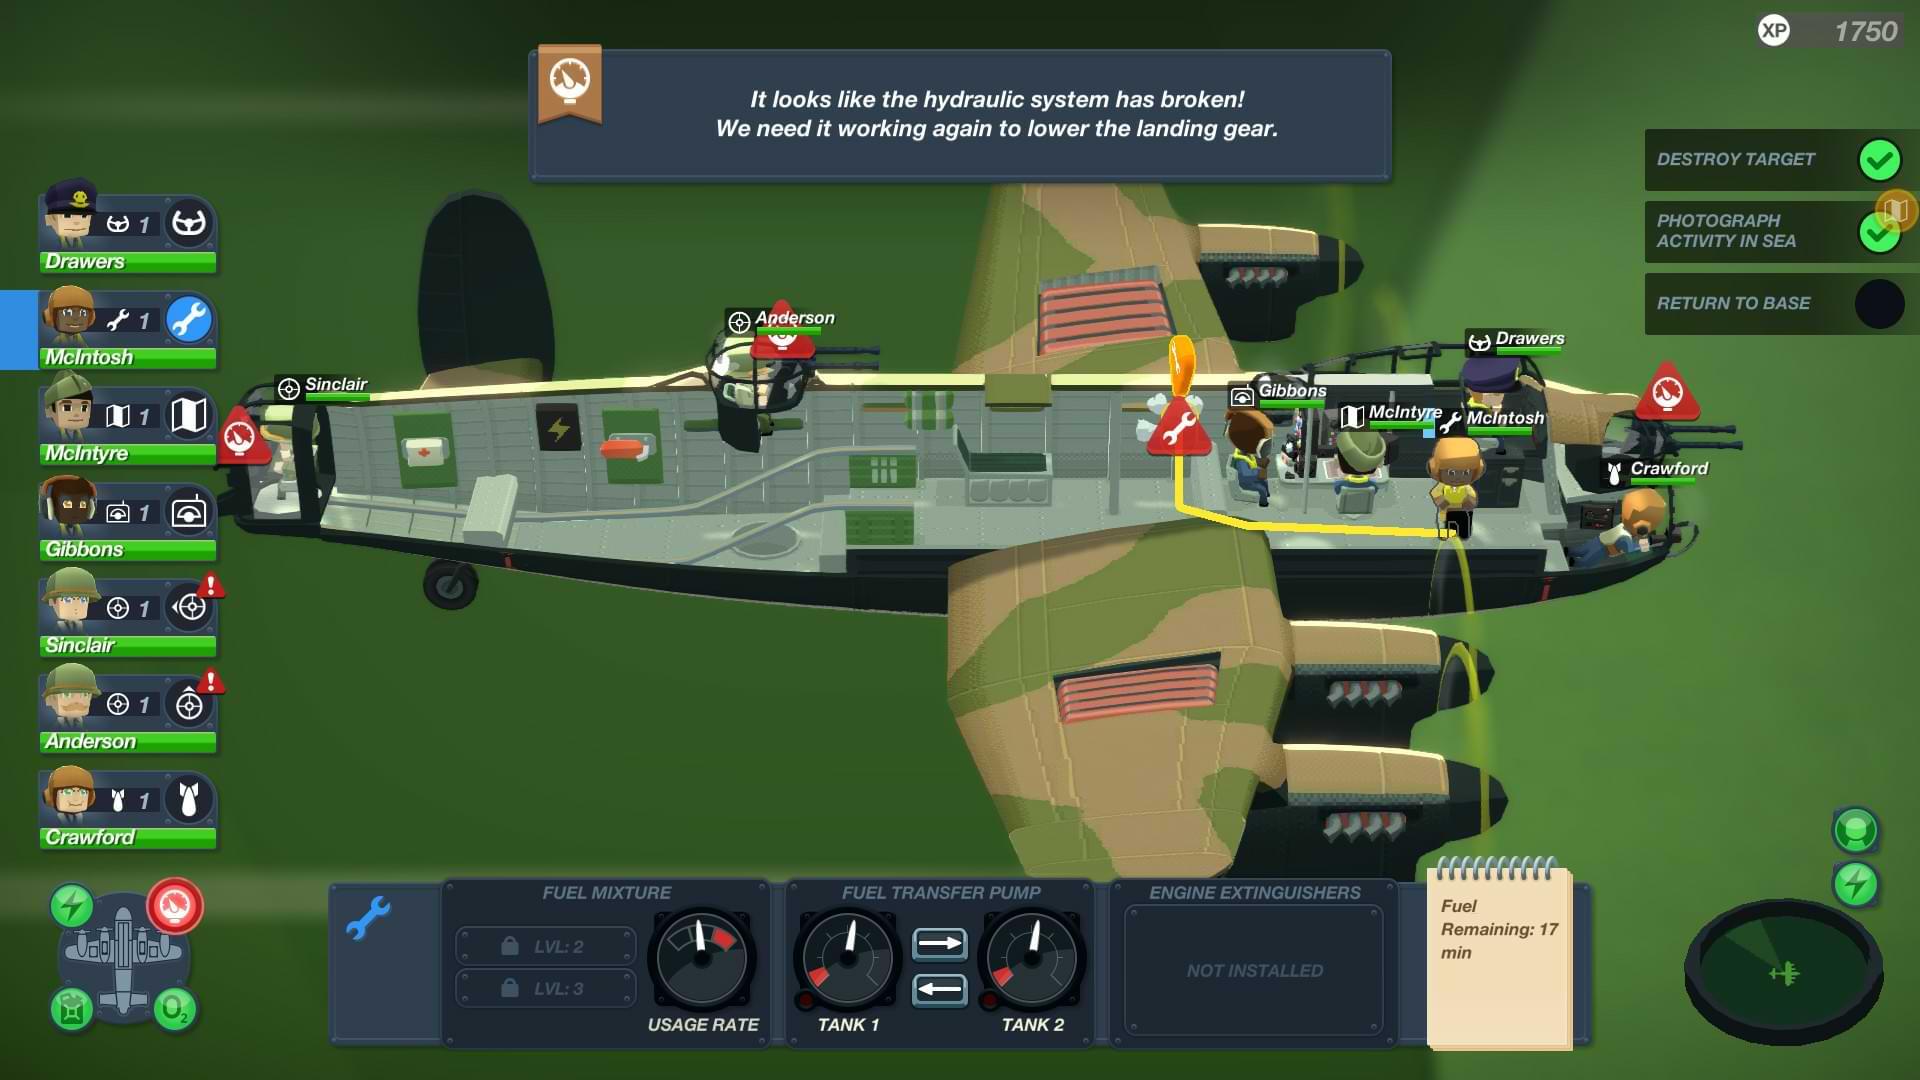 Bomber Crew - Hydraulics